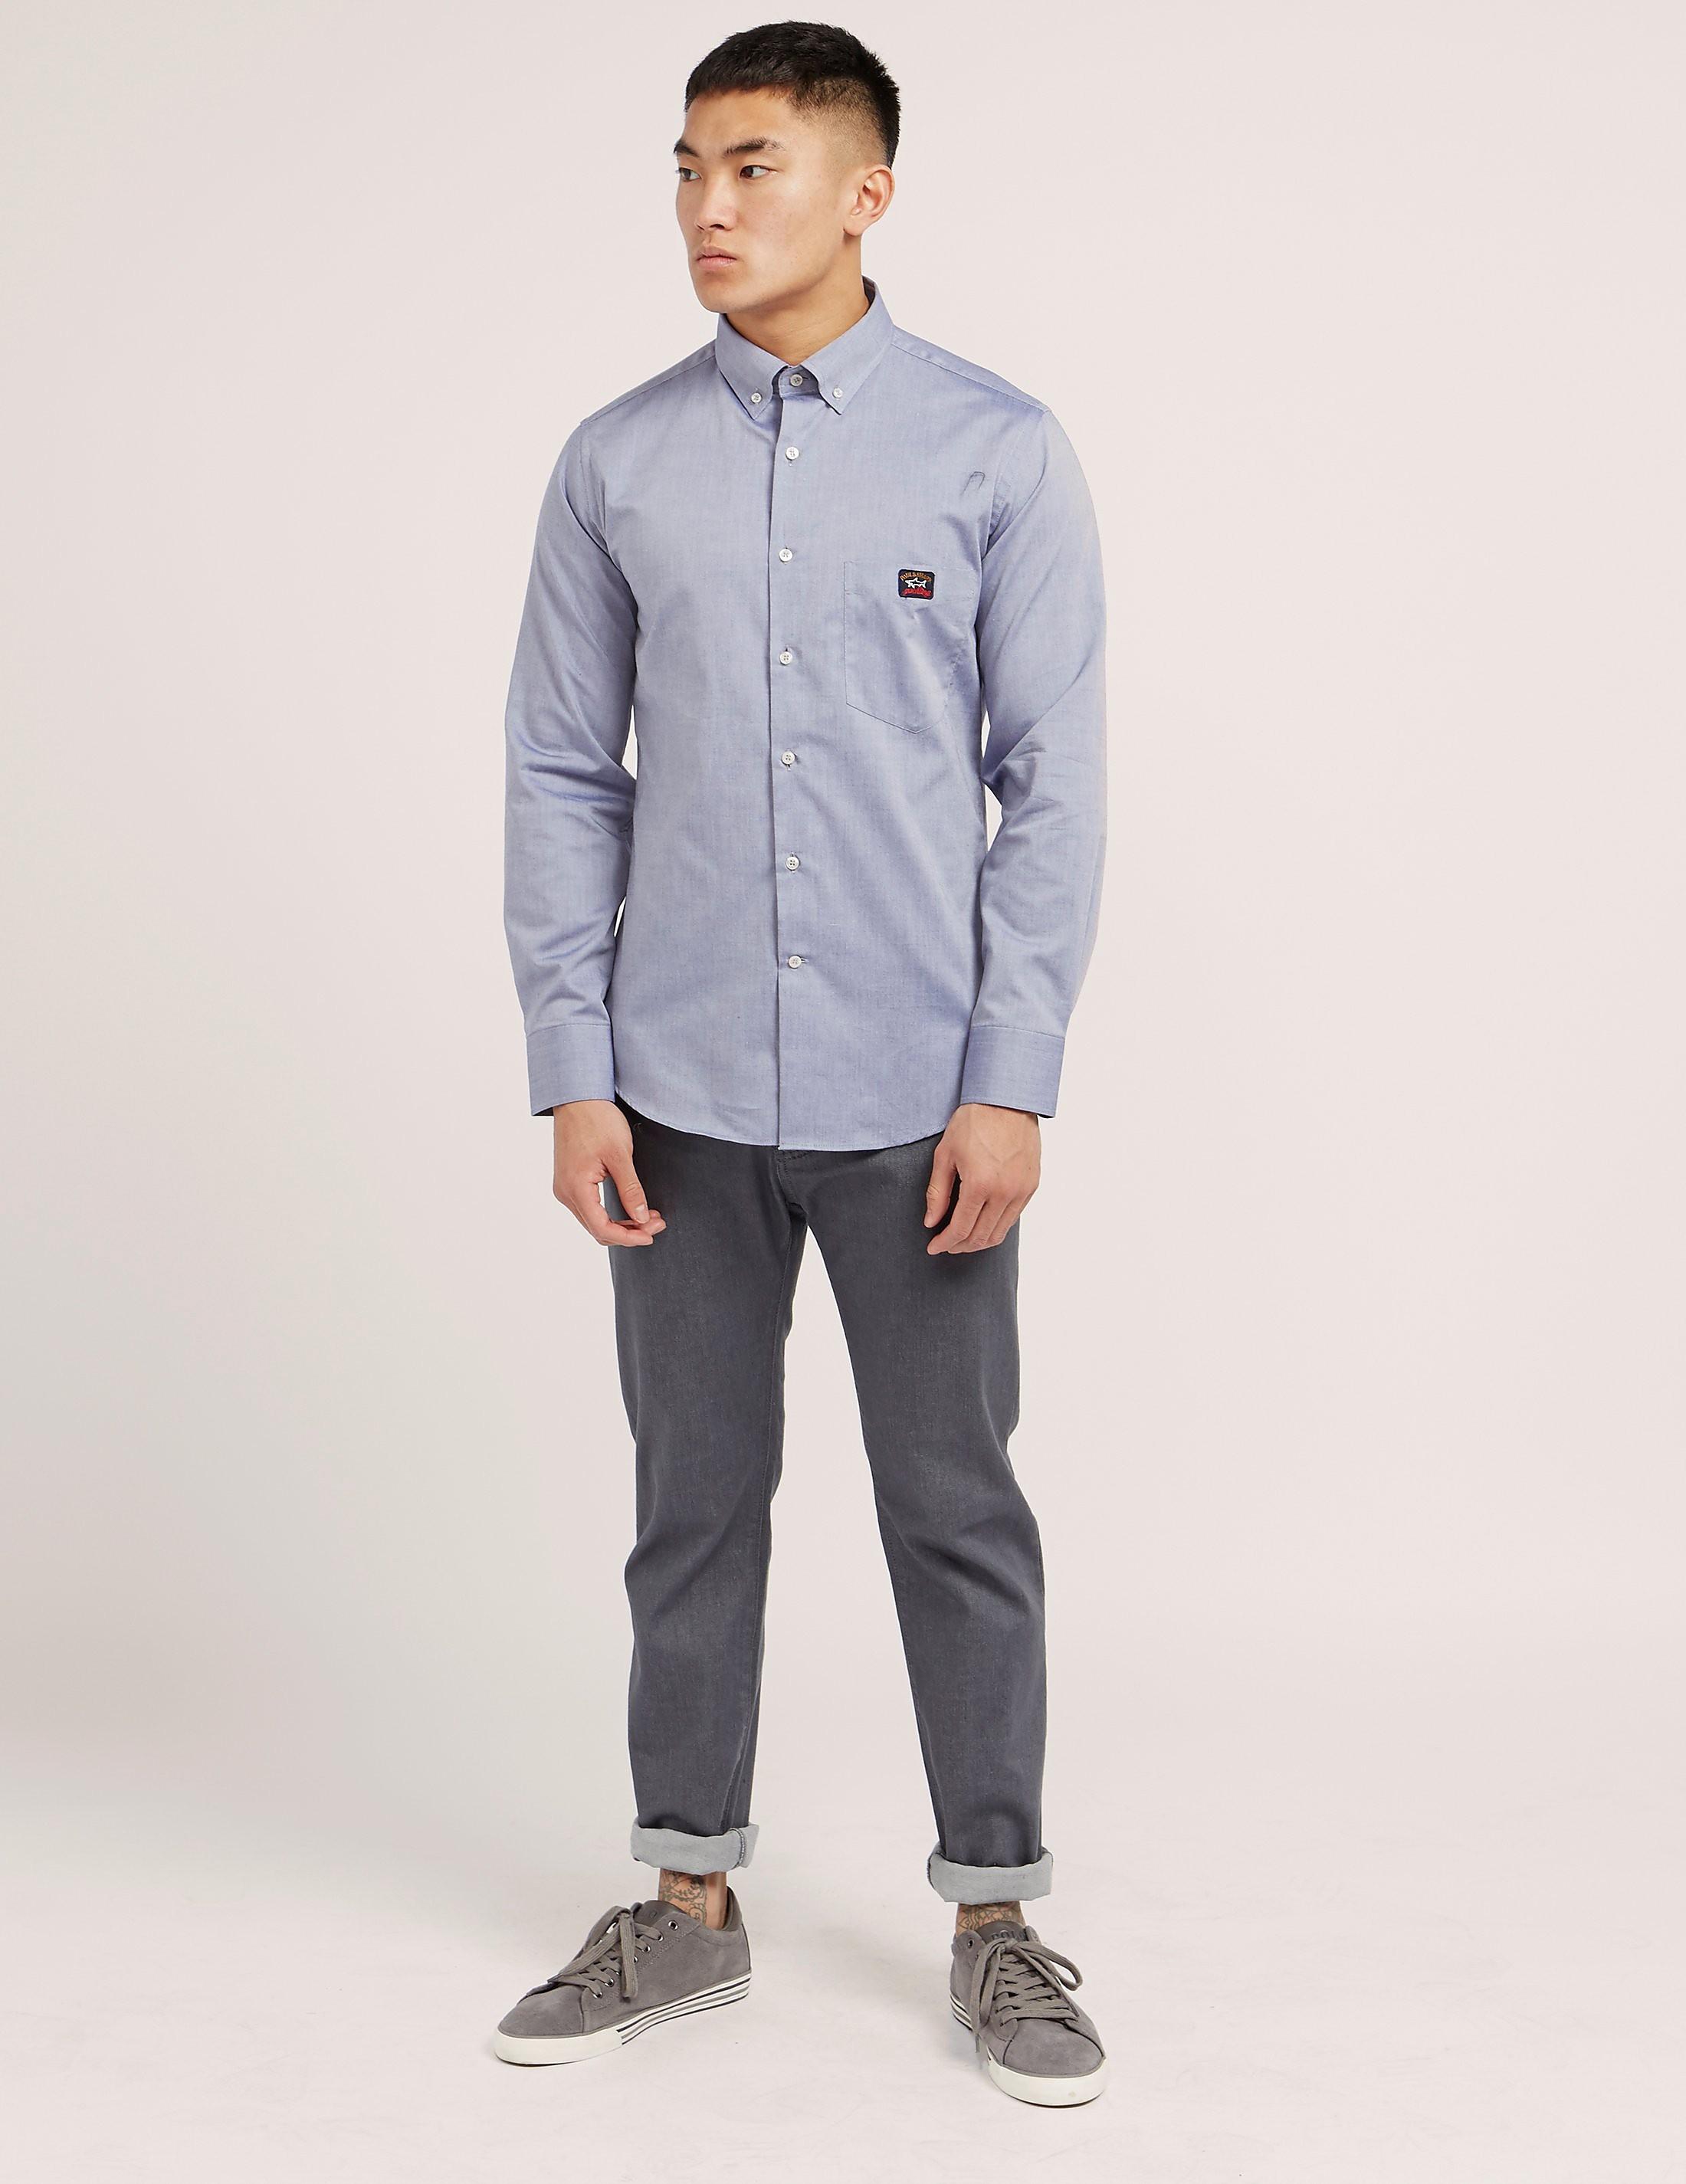 Paul and Shark Oxford Long Sleeve Shirt